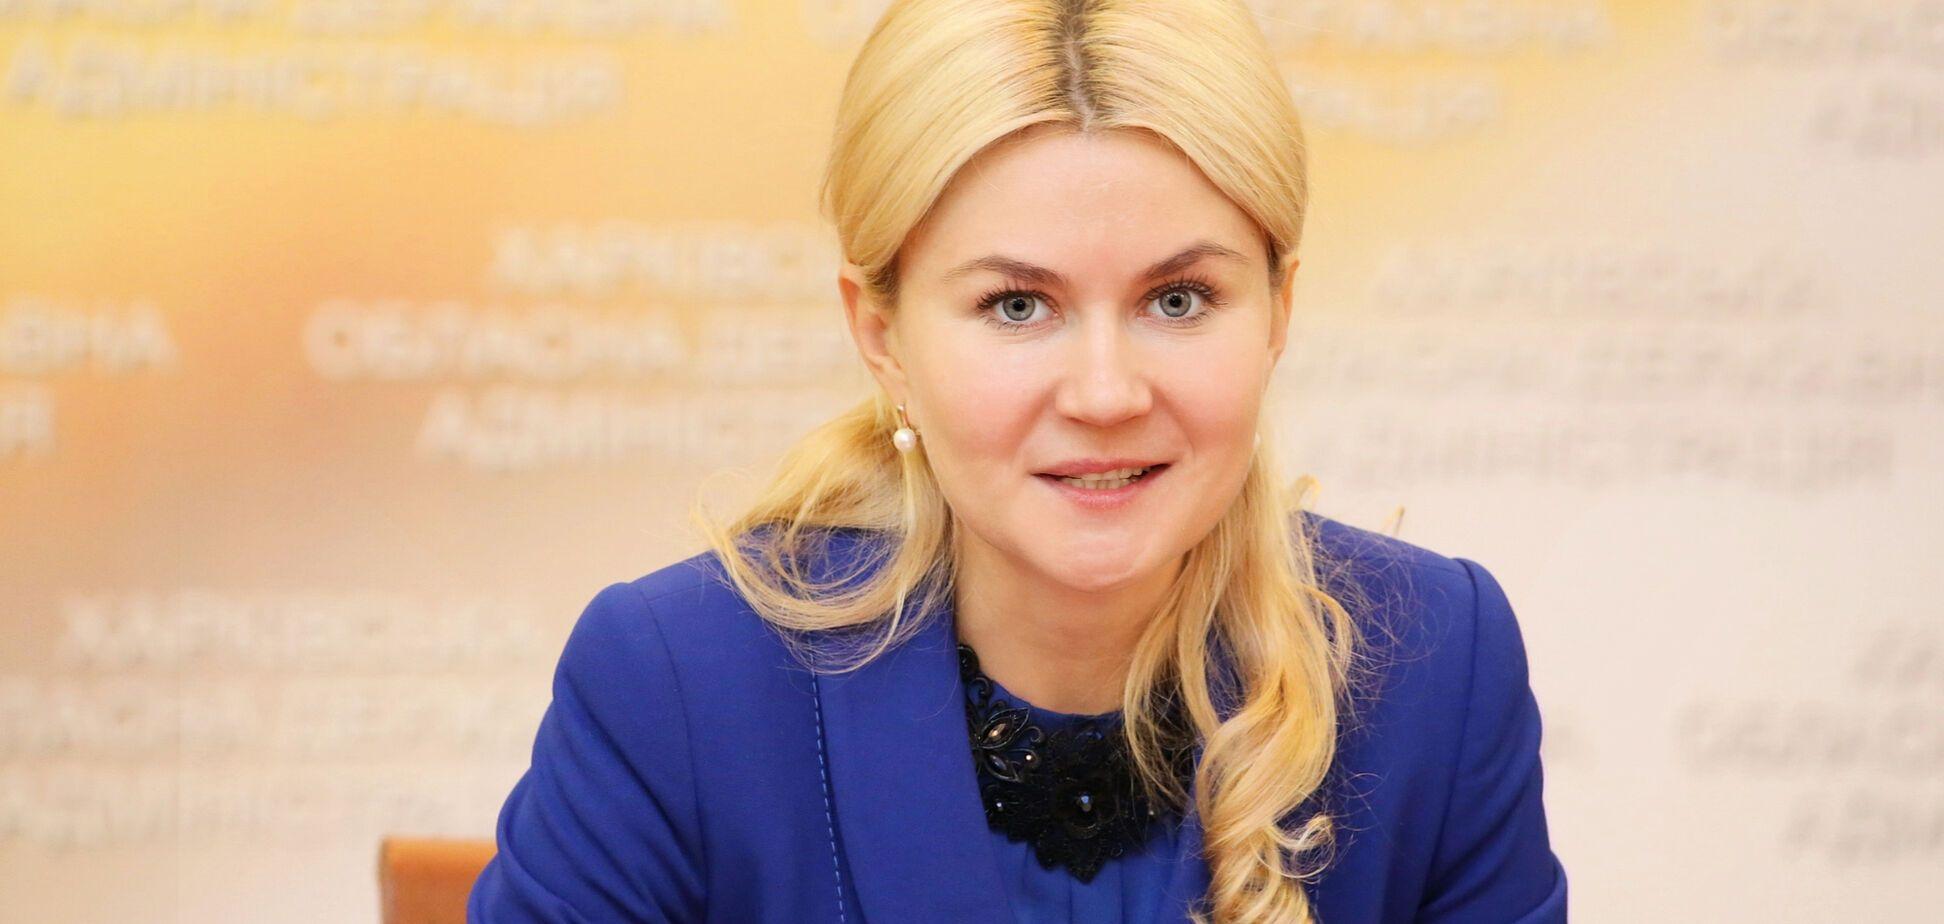 За год машиностроение в Харьковской области выросло на 10% - Светличная